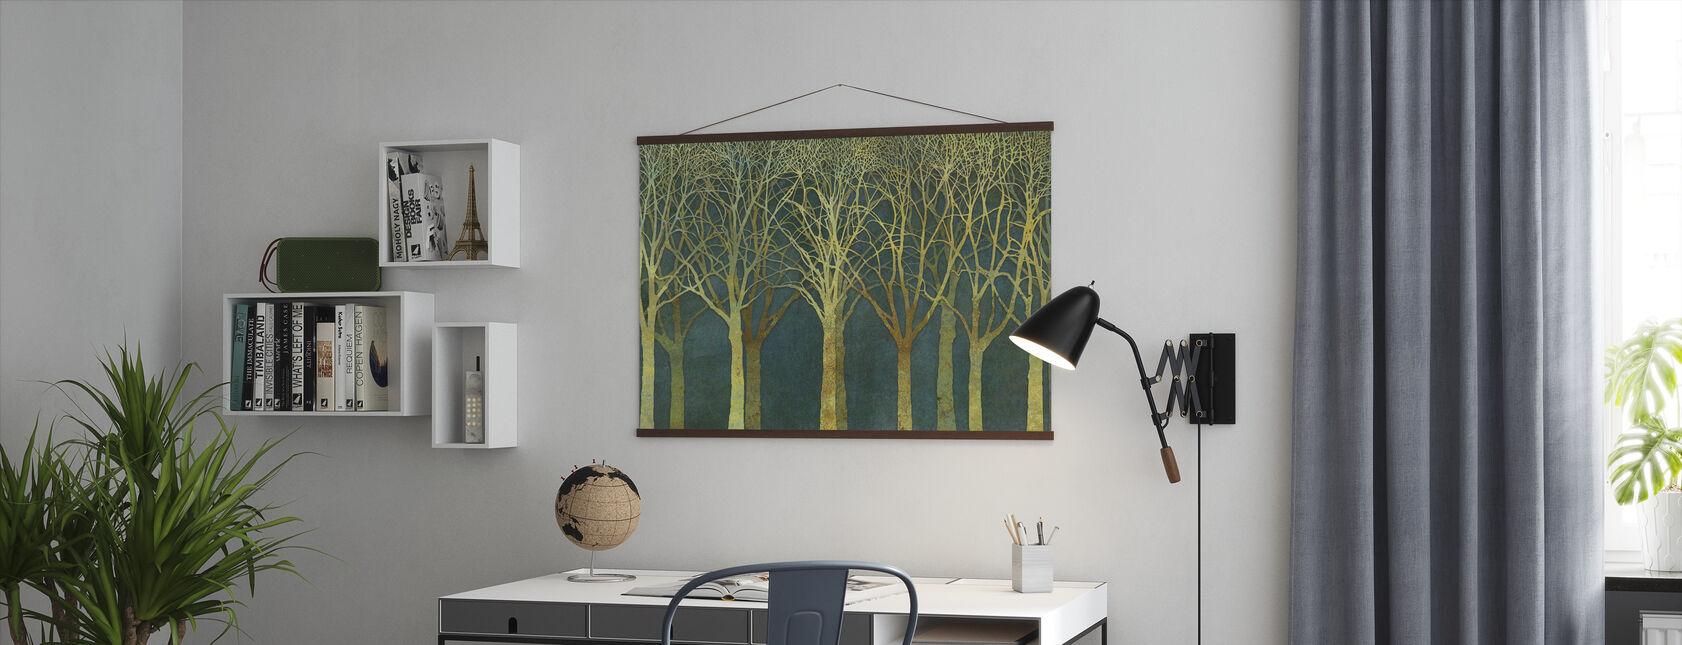 Birch Grove Golden Light - Poster - Office